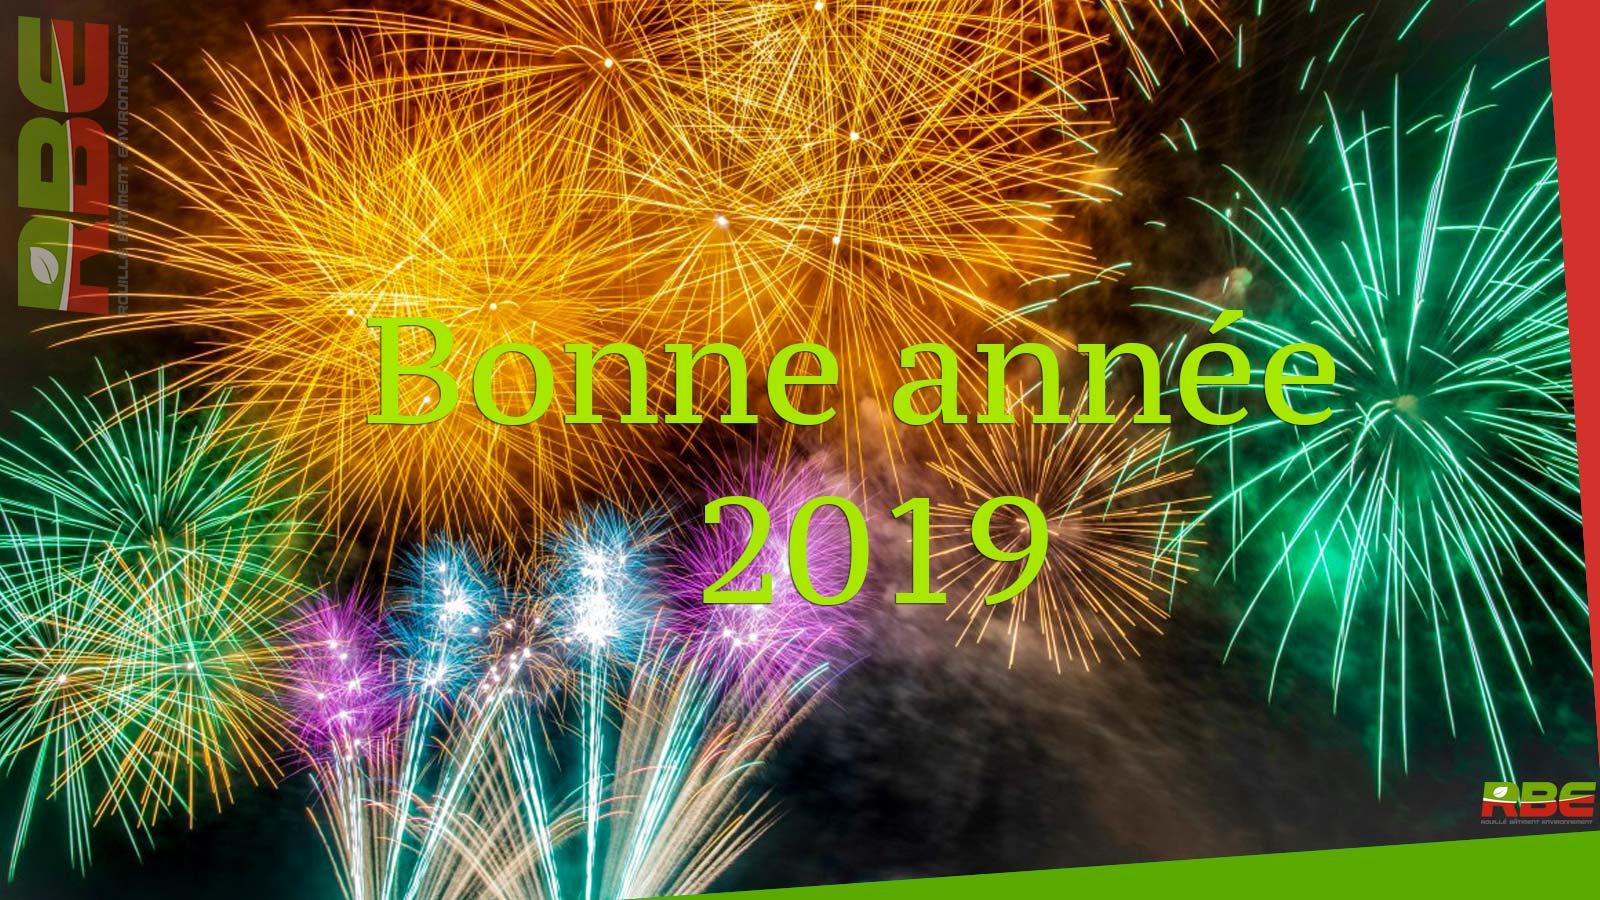 Nous vous souhaitons une excellente année 2019